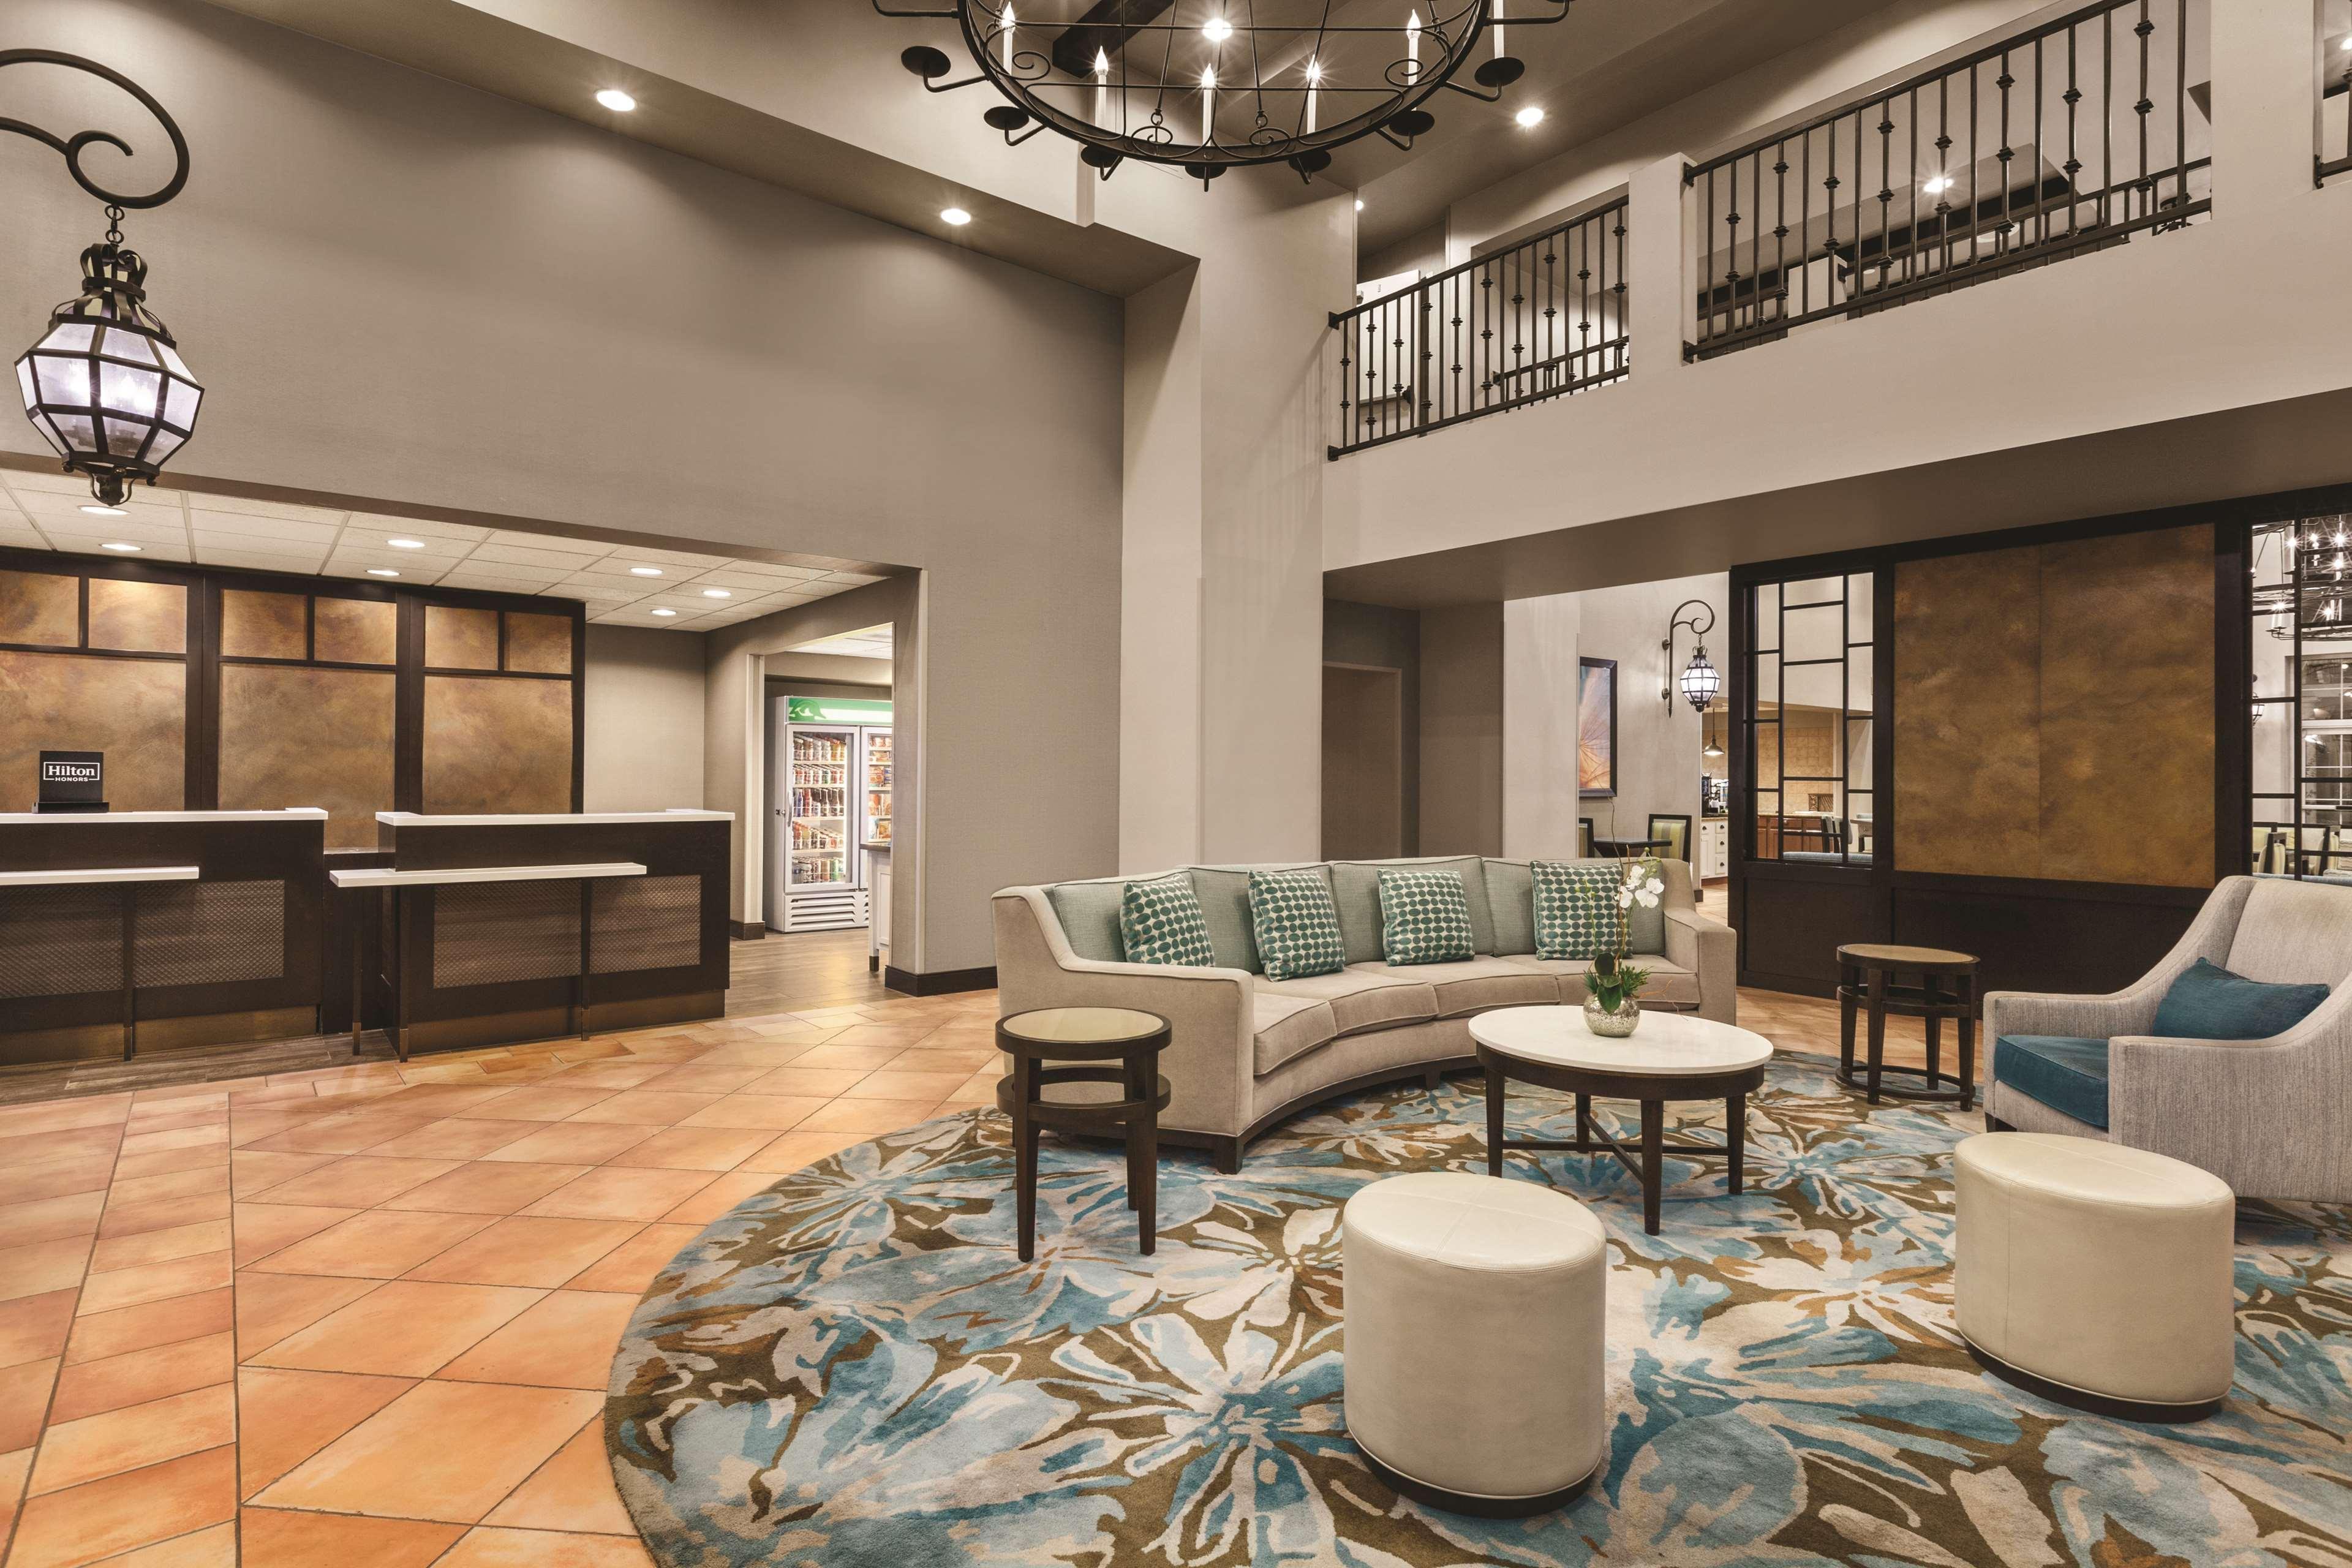 Homewood Suites by Hilton La Quinta image 3